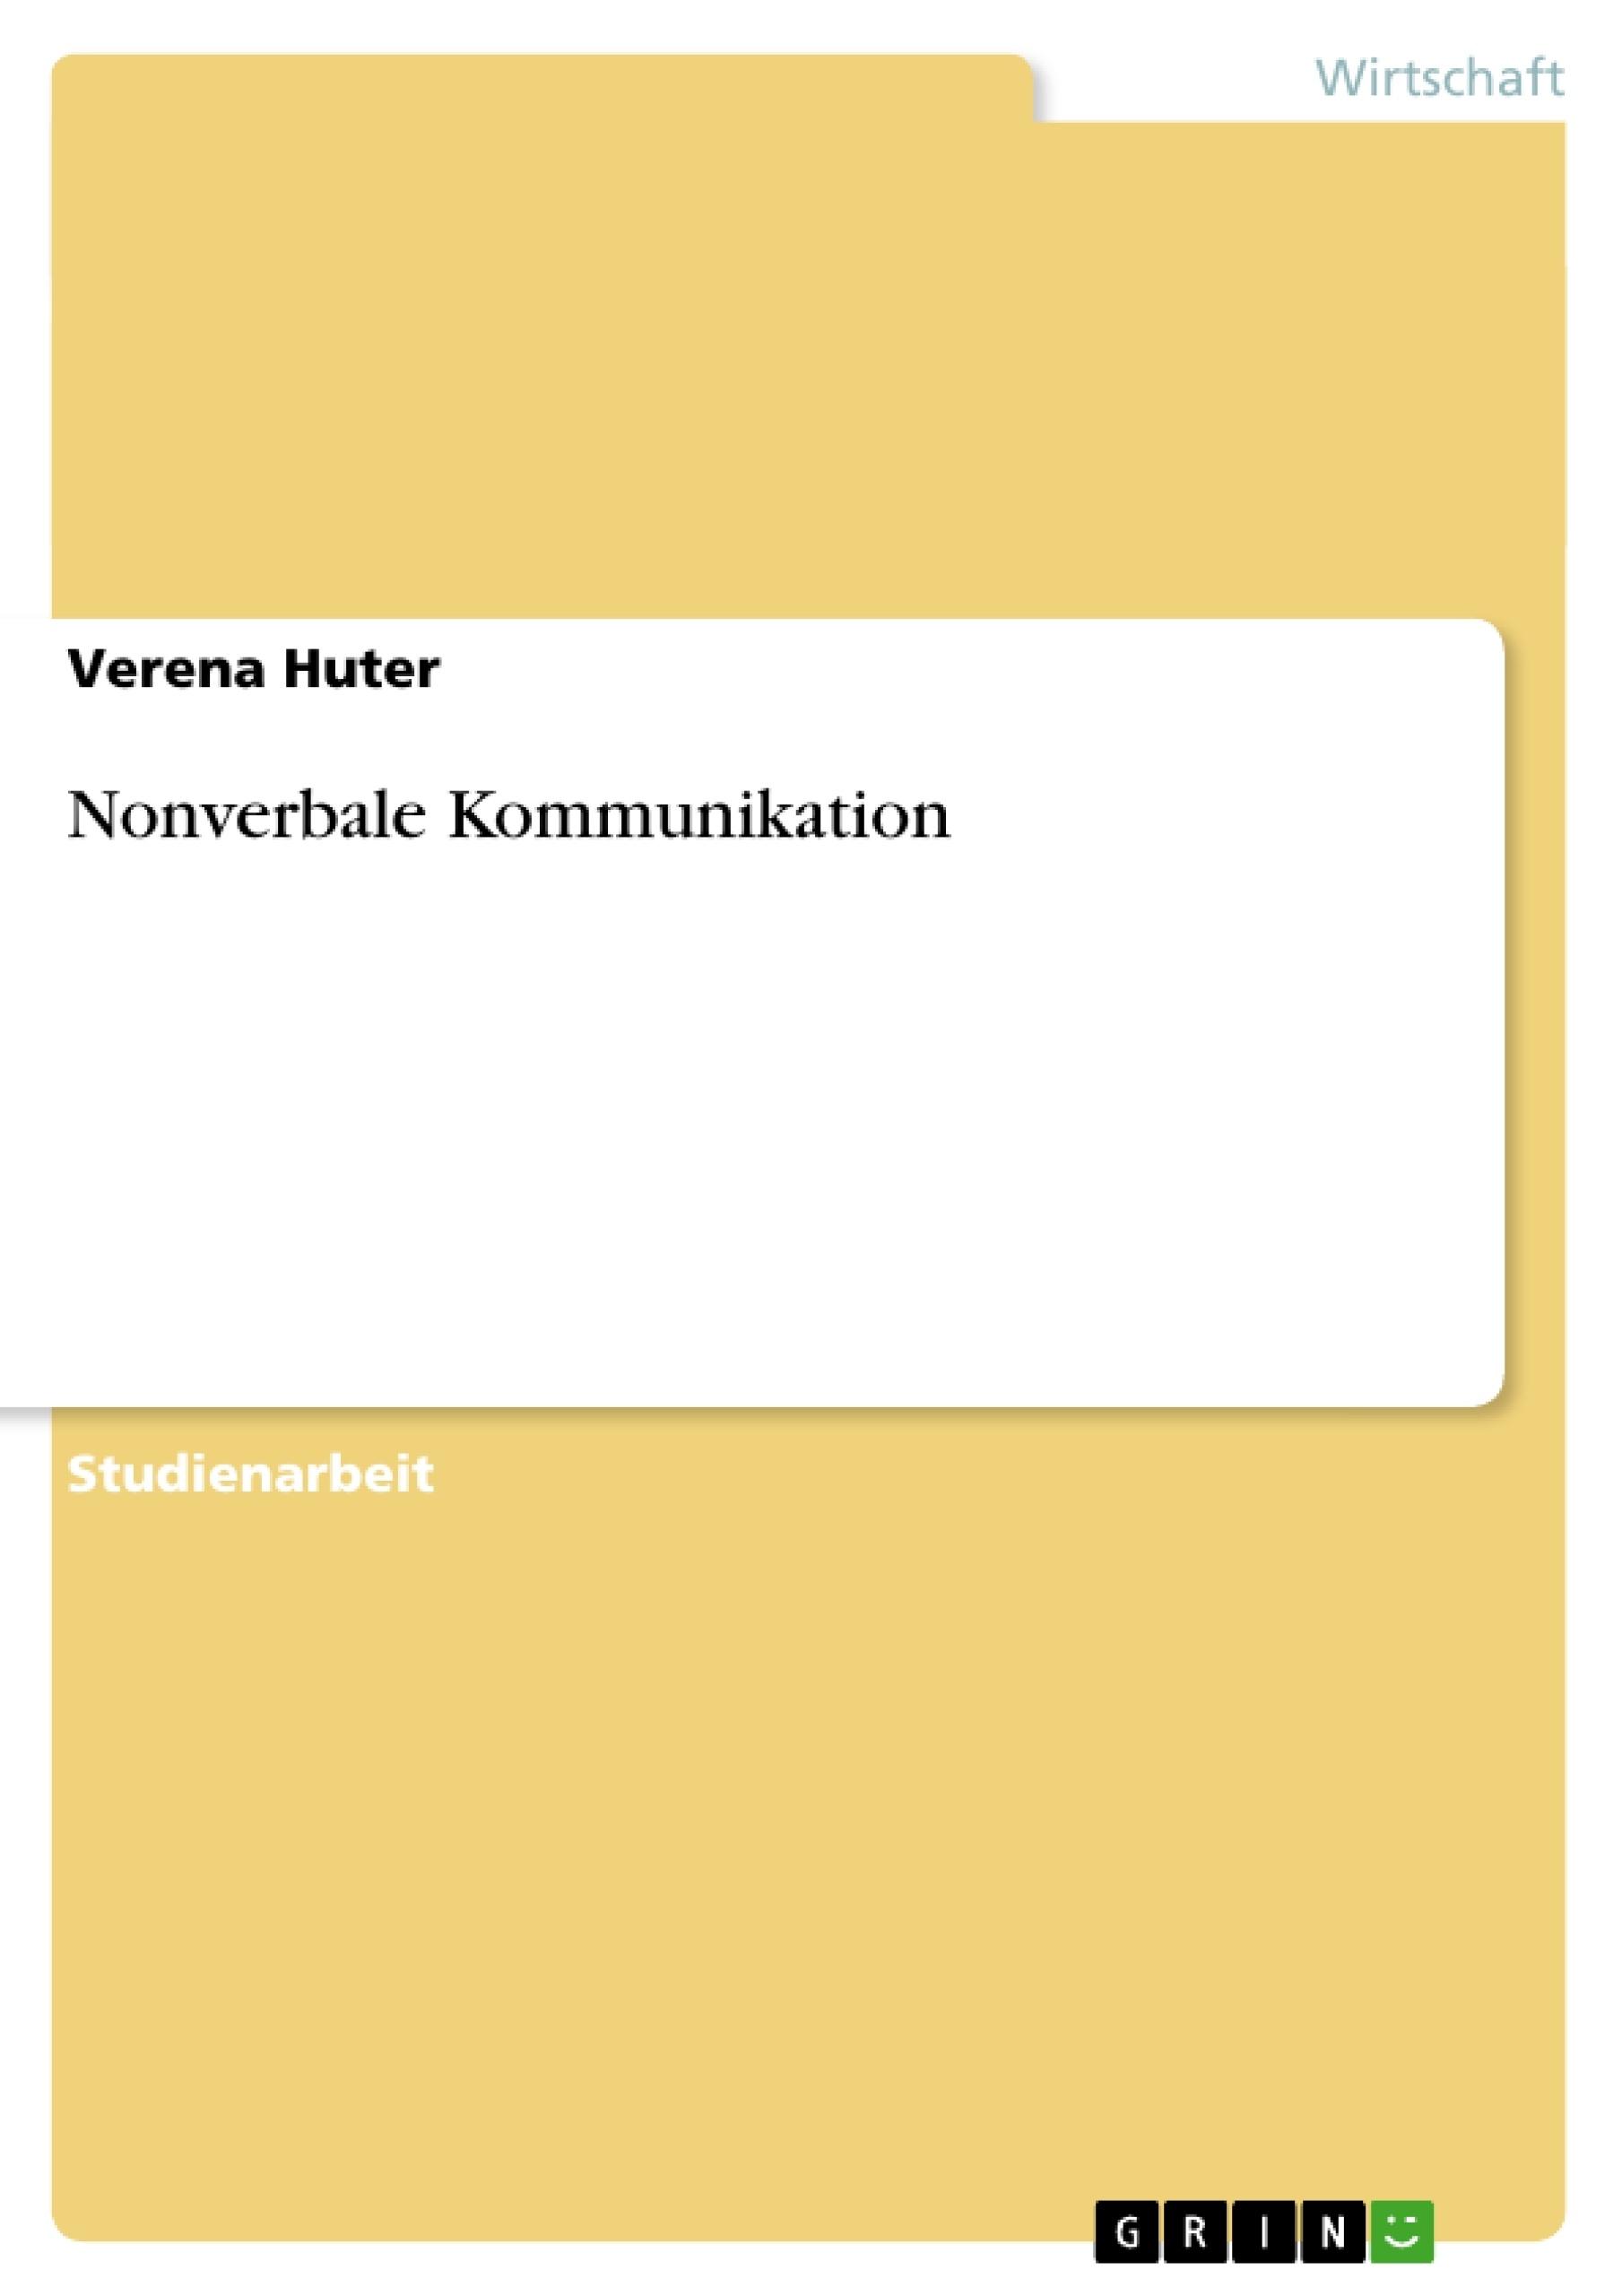 Nonverbale kommunikation facharbeit bachelor thesis im ausland schreiben